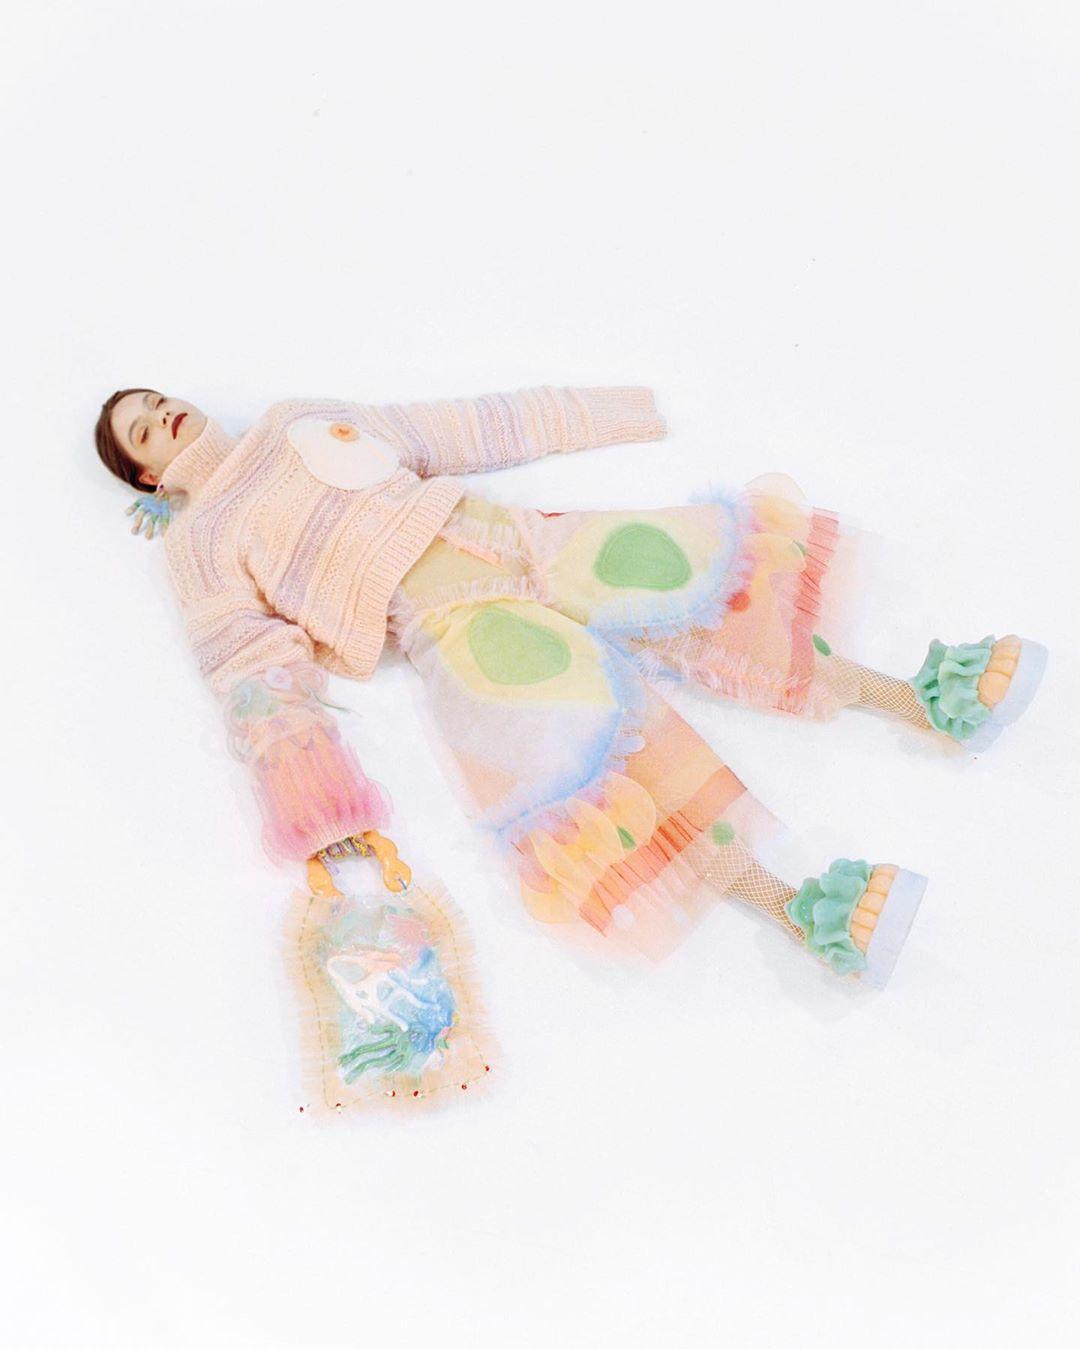 Beate Karlsson, la diseñadora avant-garde que crea piezas surrealistas inspiradas en bebés